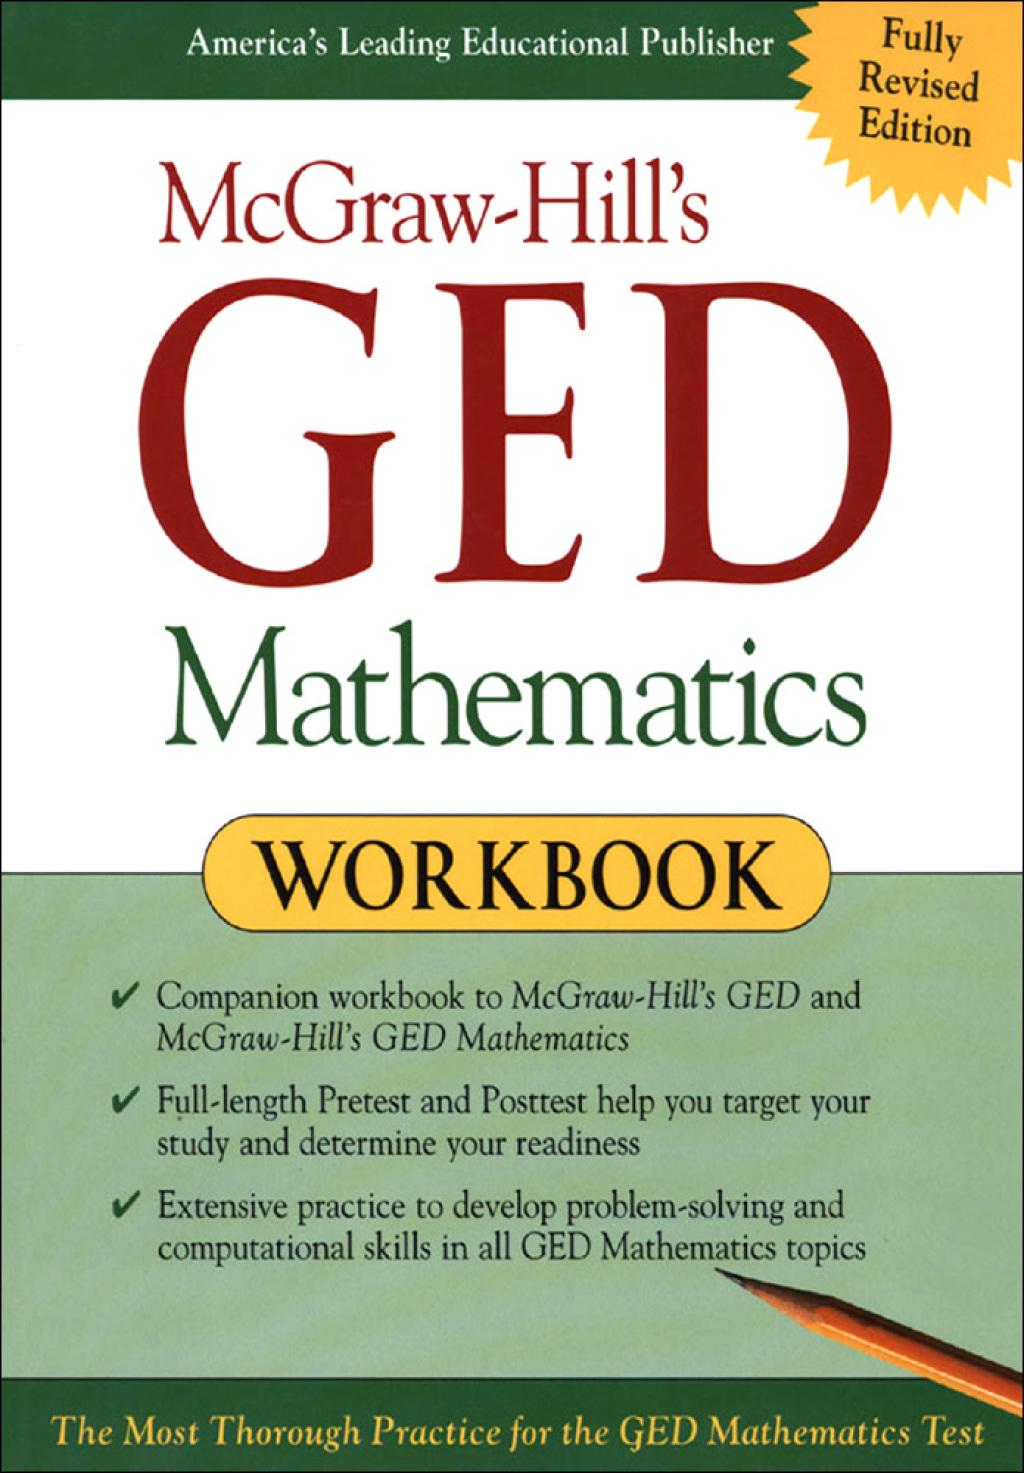 McGraw-Hill's GED Mathematics Workbook (eBook)